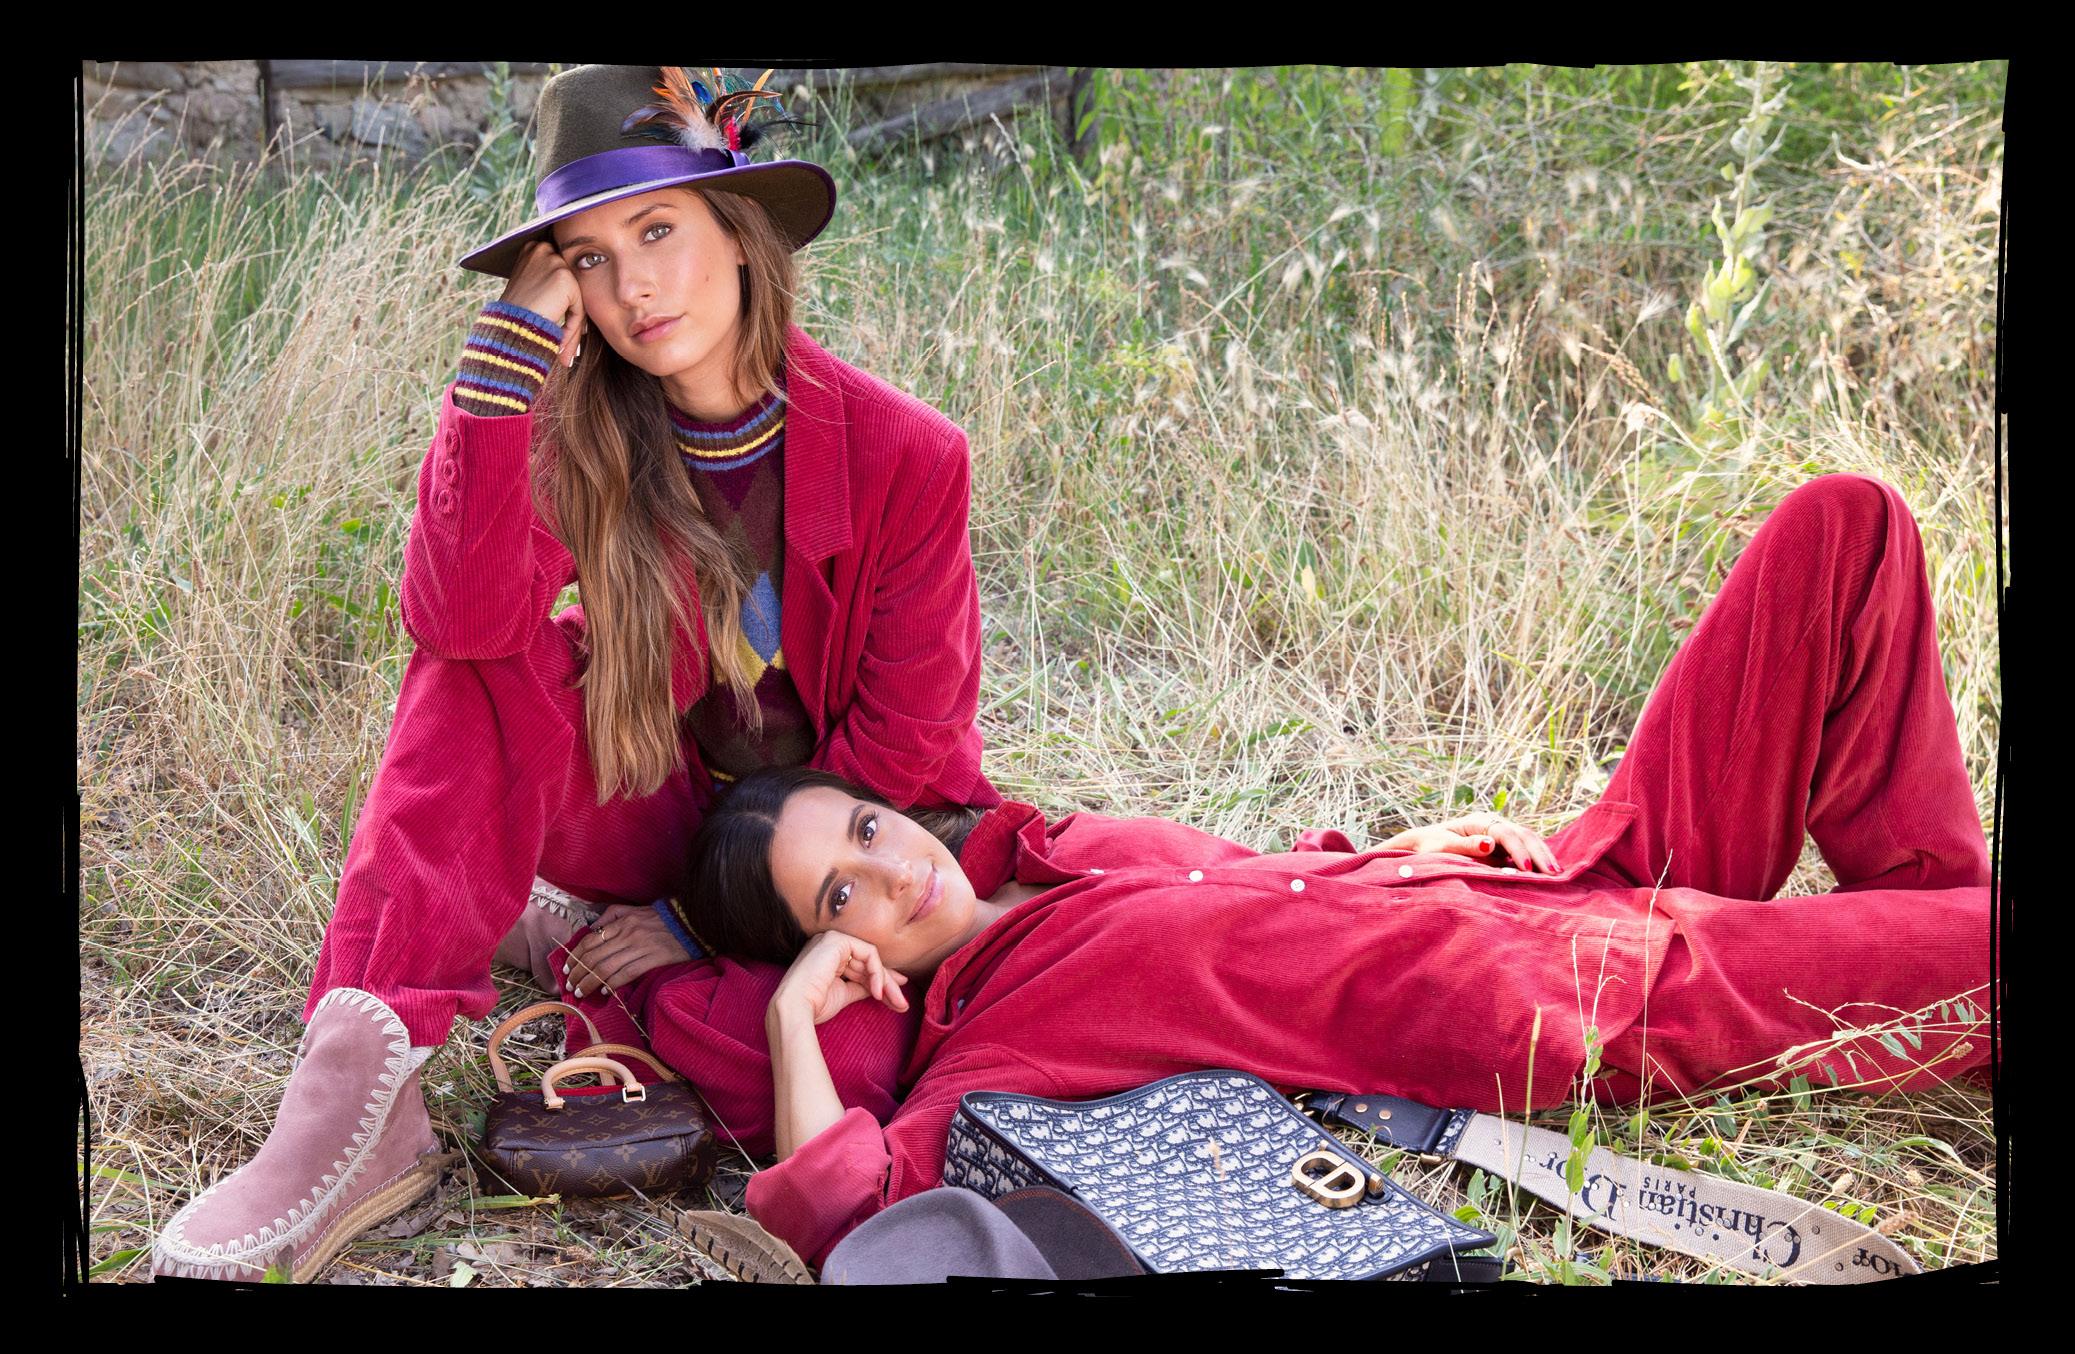 Grace, con chaqueta y pantalón de pana de PULL AND BEAR, jersey de punto de rombos de ZARA, botas de ante de MOU, sombrero de felpa de ZINNIA FLAIR BY ALEJANDRA OLIVER y bolso de LOUIS VUITTON / María con chaqueta y pantalón de pana granate de BETOLAZA, bota de ante con suela de esparto de MOU, bolso de CHRISTIAN DIOR y sombrero de felpa de ZINNIA FLAIR BY ALEJANDRA OLIVER.